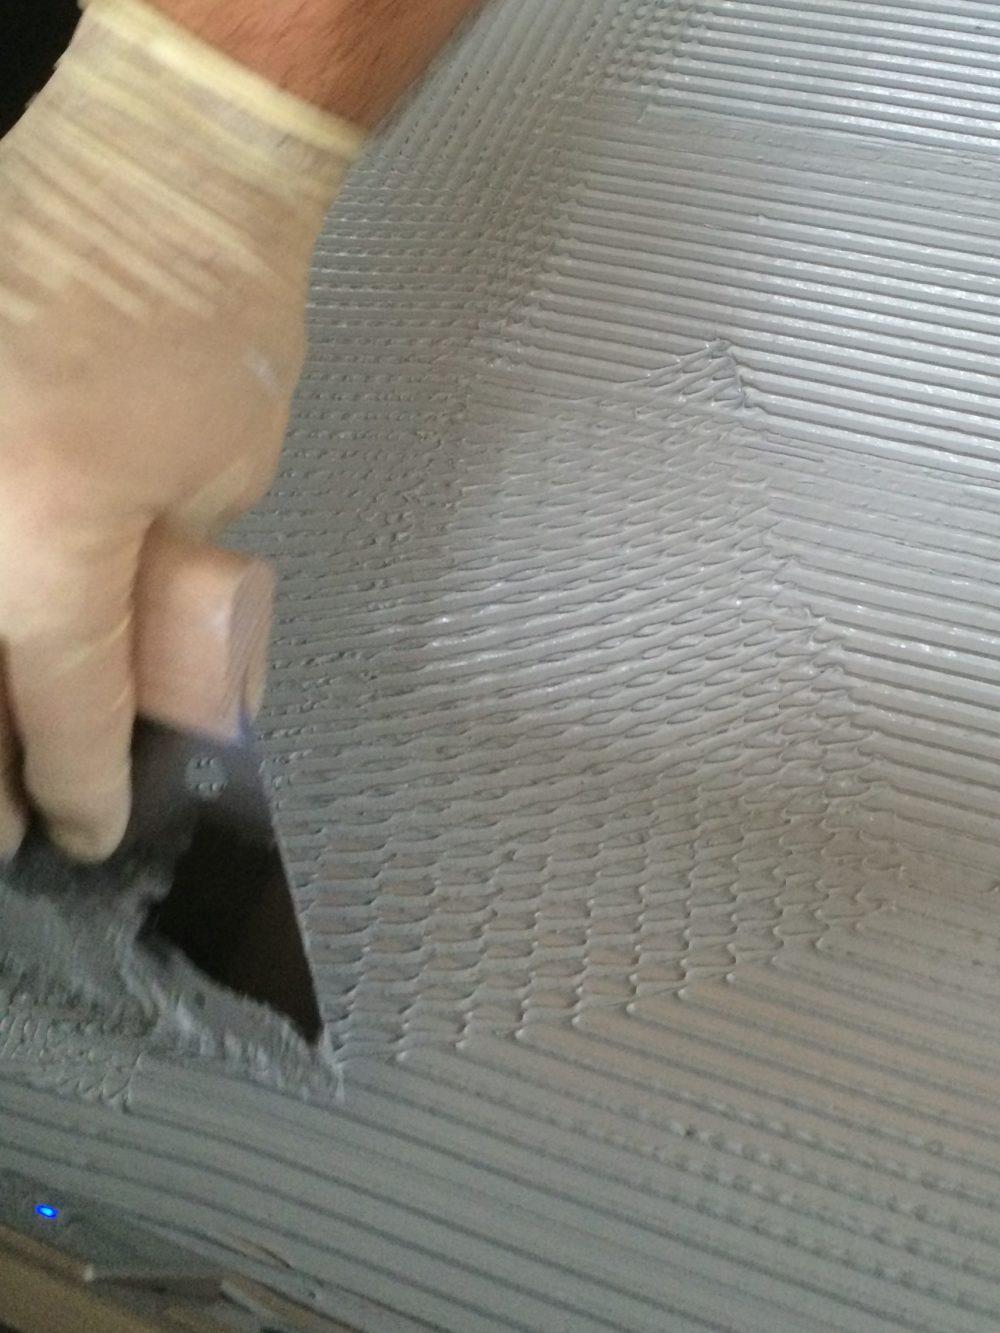 Verklebung der HPL-Platte als Küchenarbeitsplatte